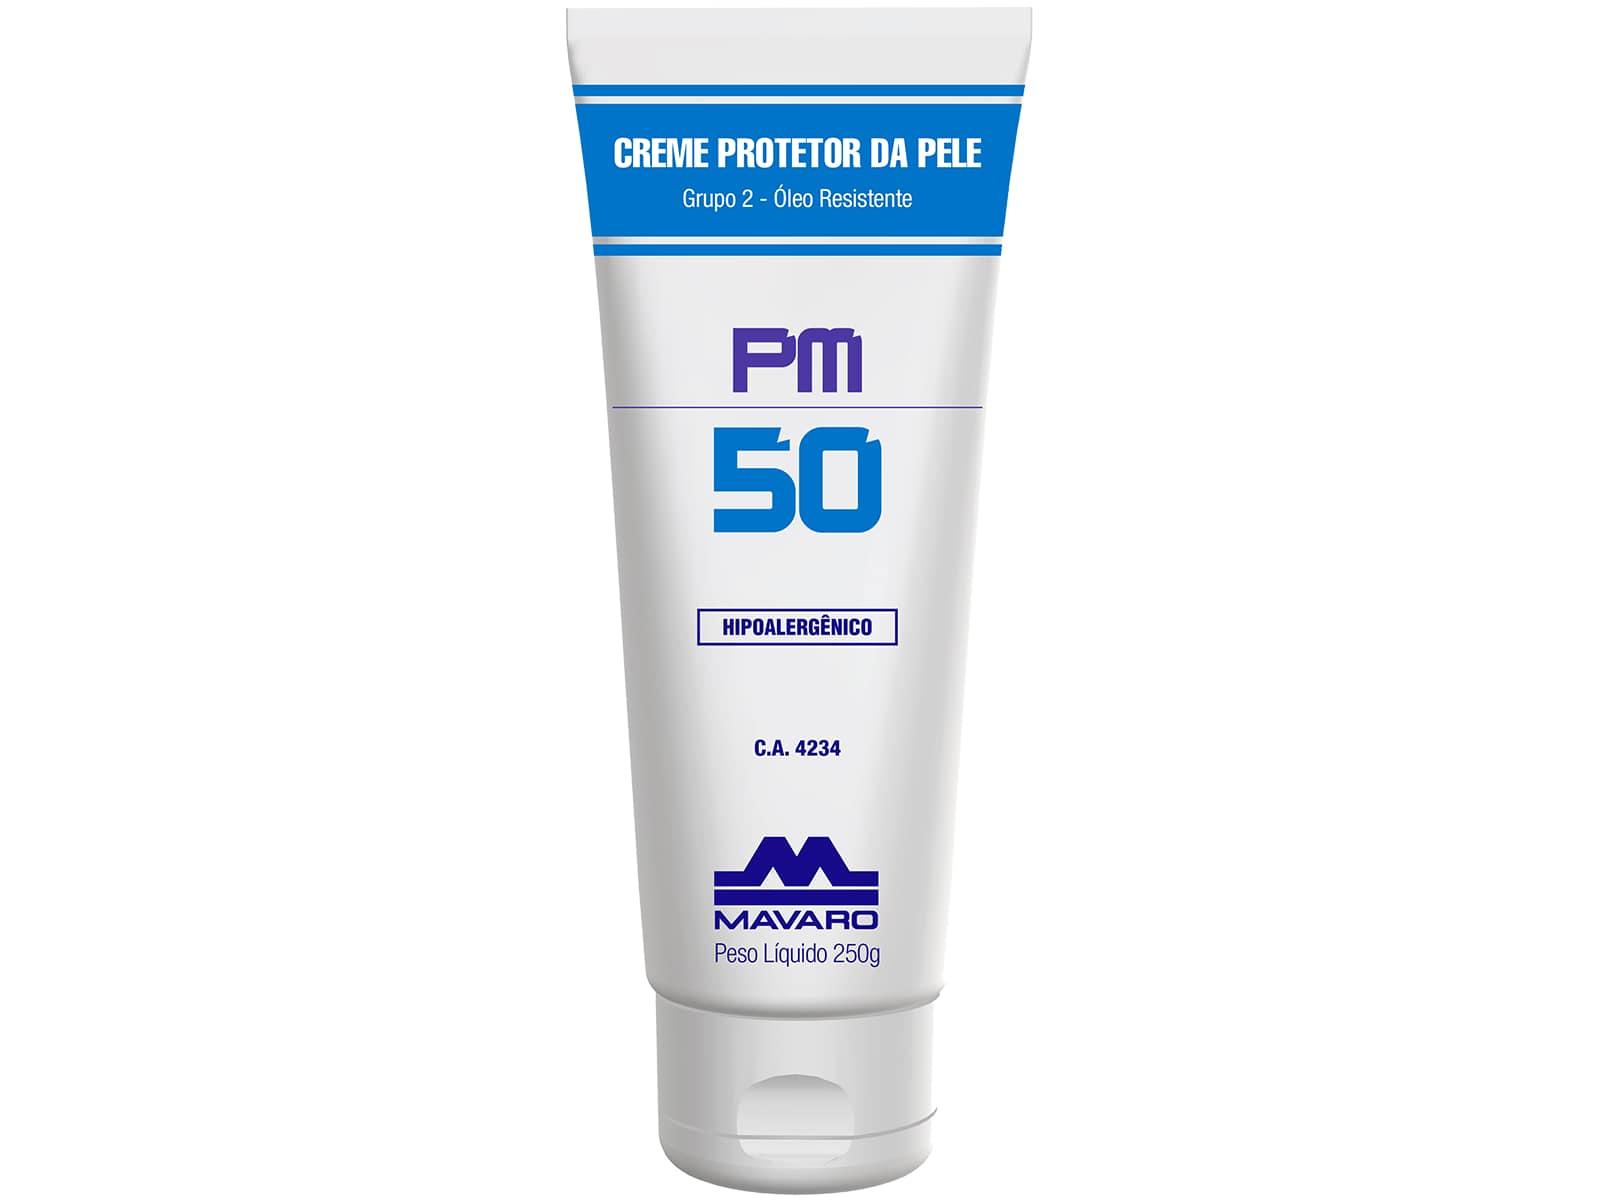 CREME PM50 G2 250G MAVARO CA 4234